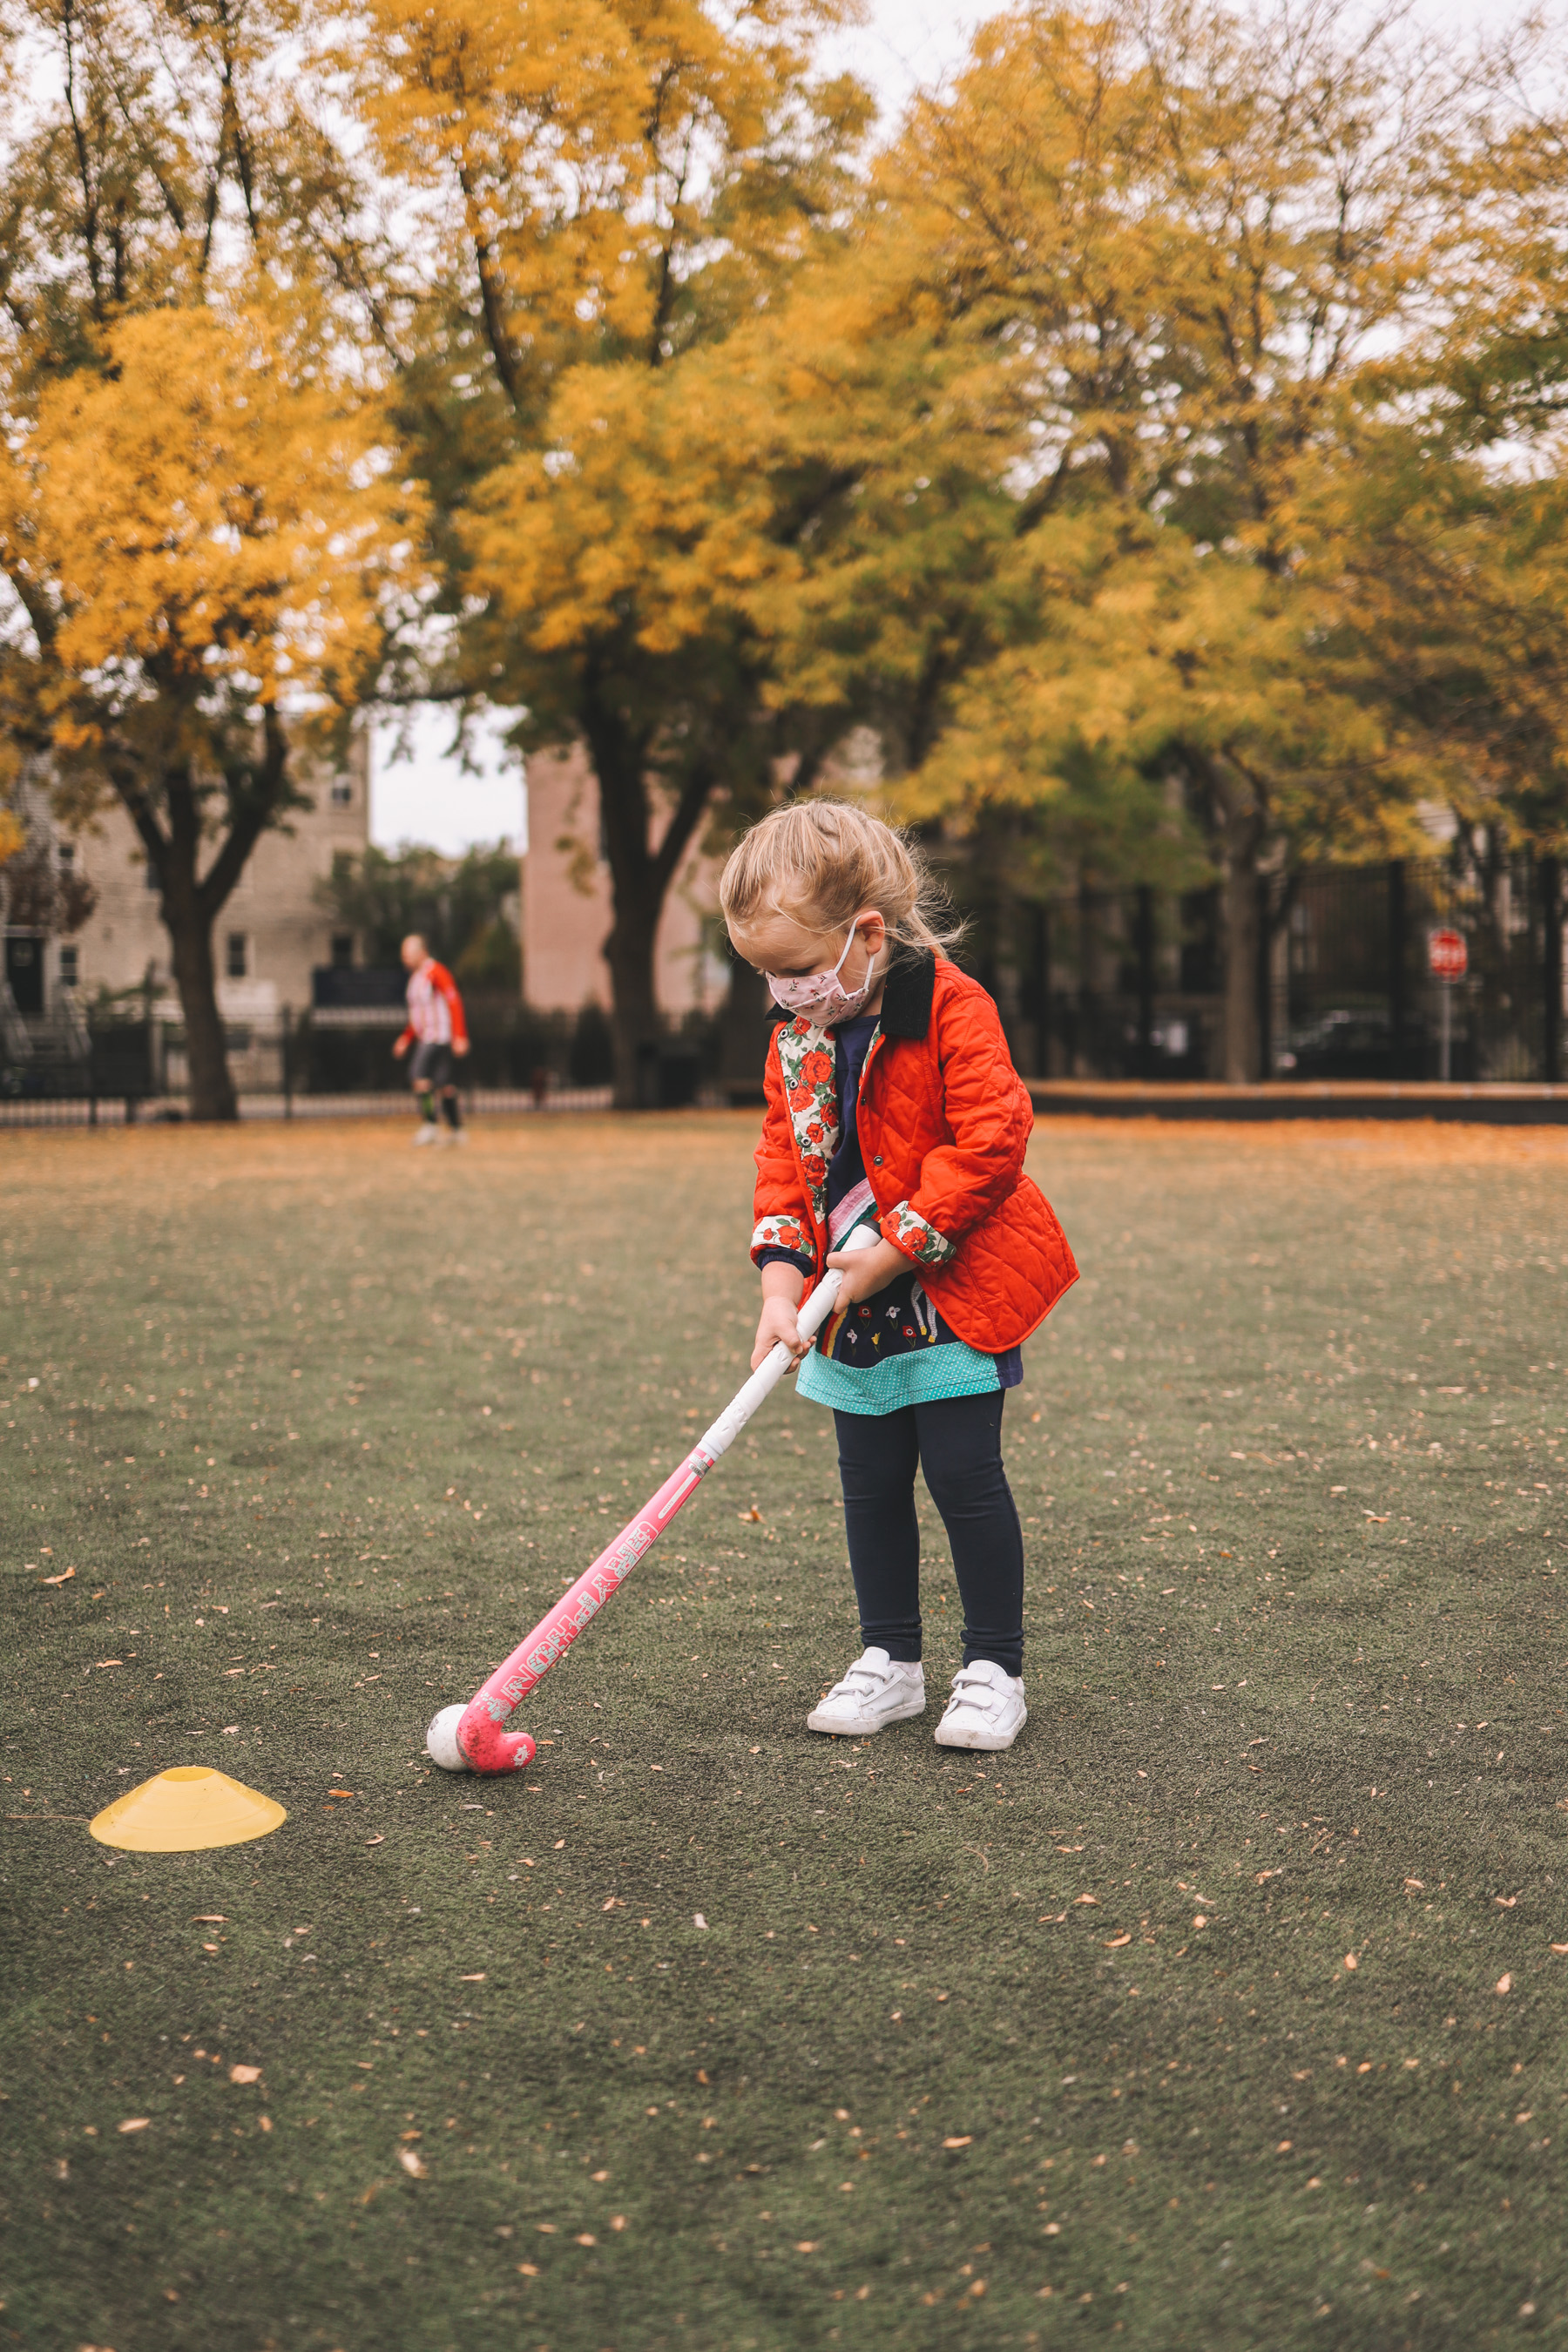 emma playing sports